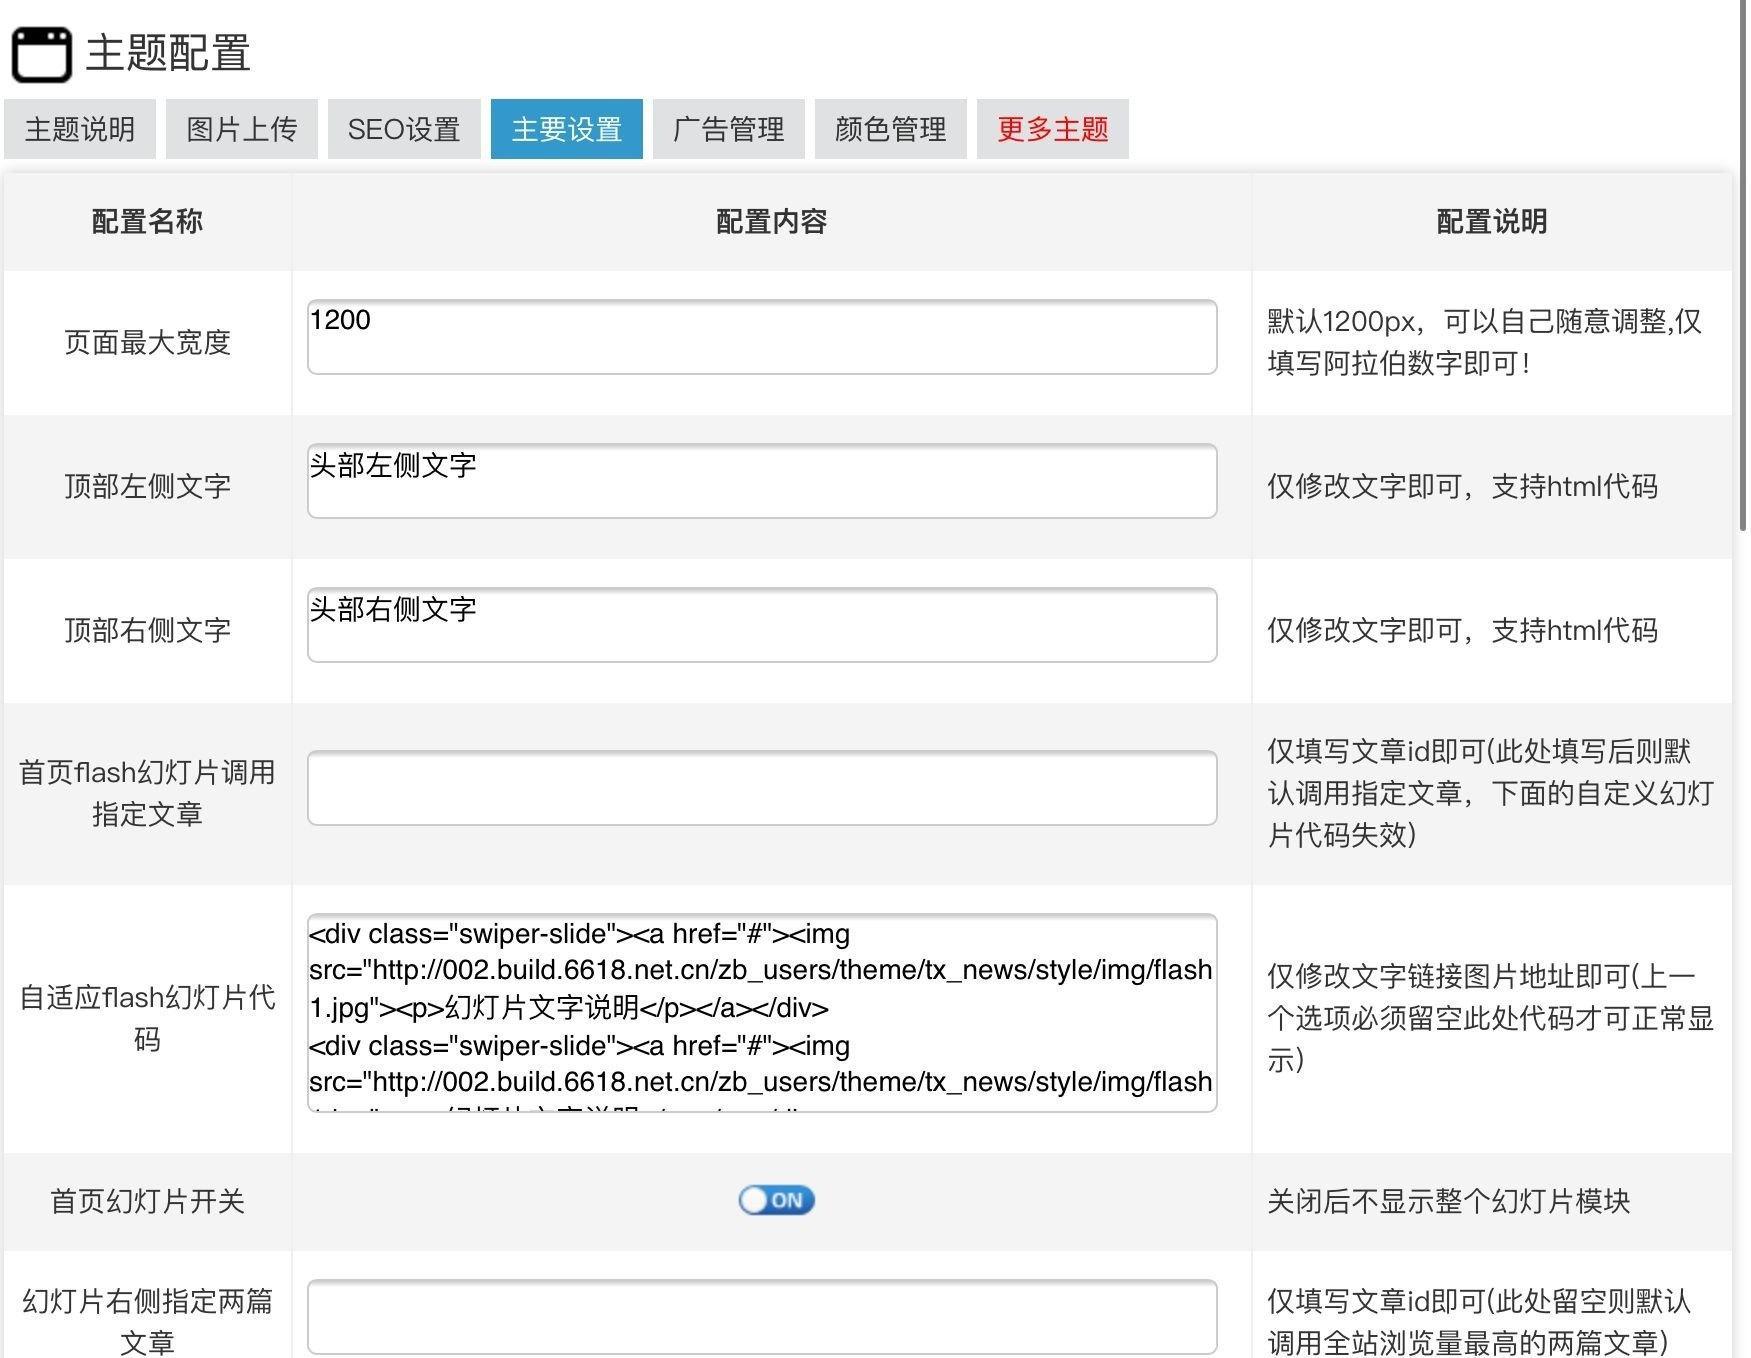 【【网站服务】新闻类网站,高仿某日头条,一条龙搭建】图3